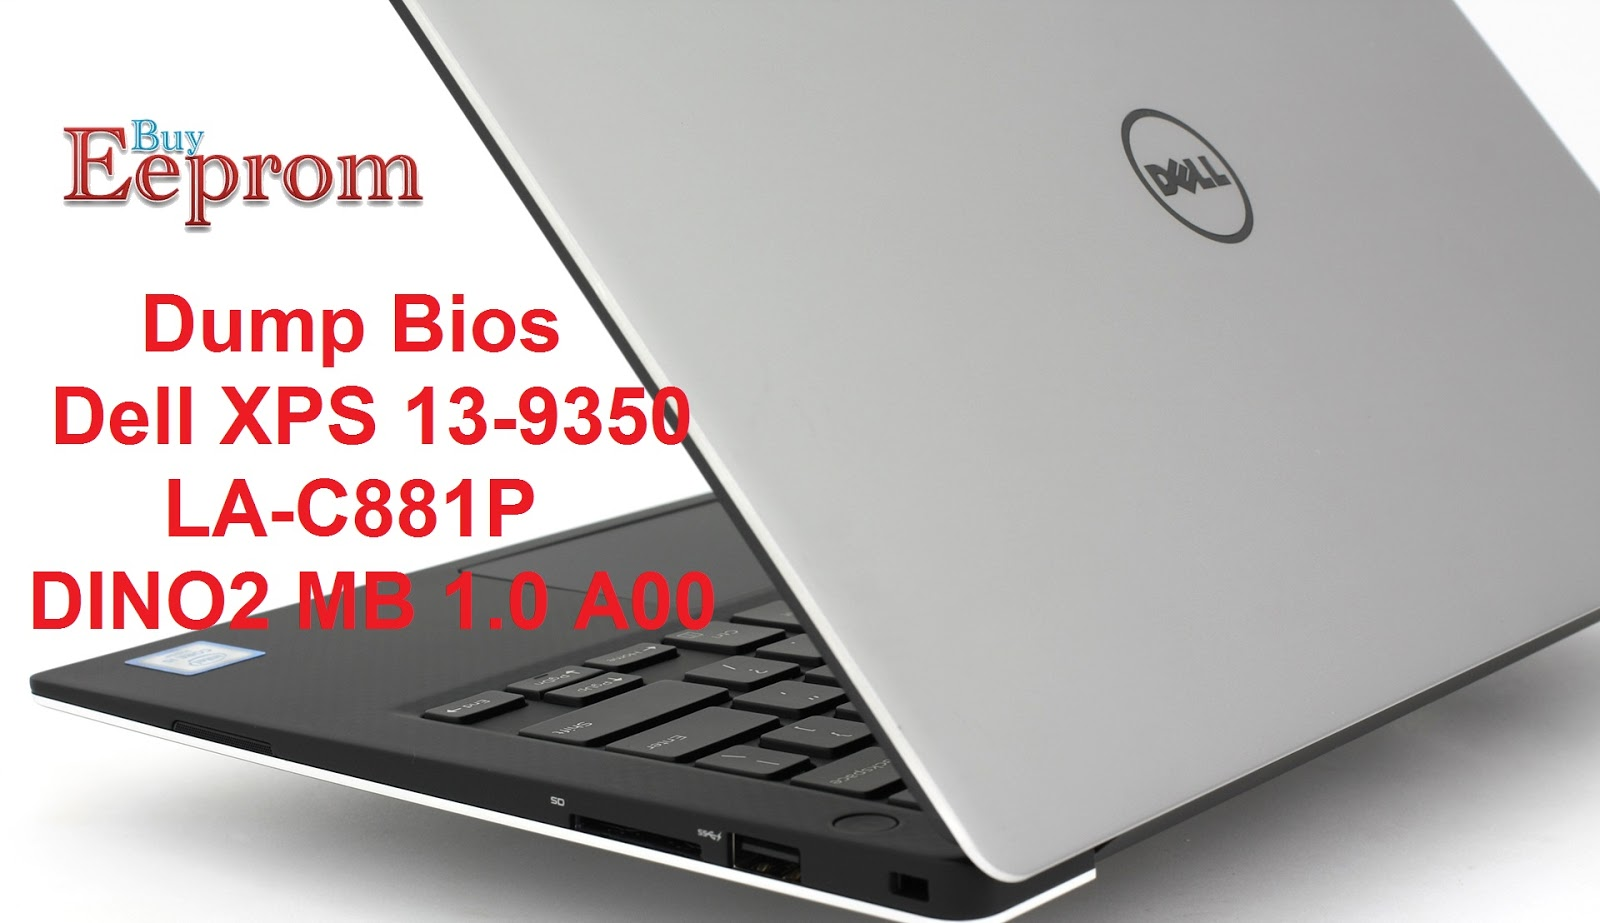 Dump Bios Dell XPS 13 9350 LA-C881P DINO2 MB 1 0 A00 - EepromBuy